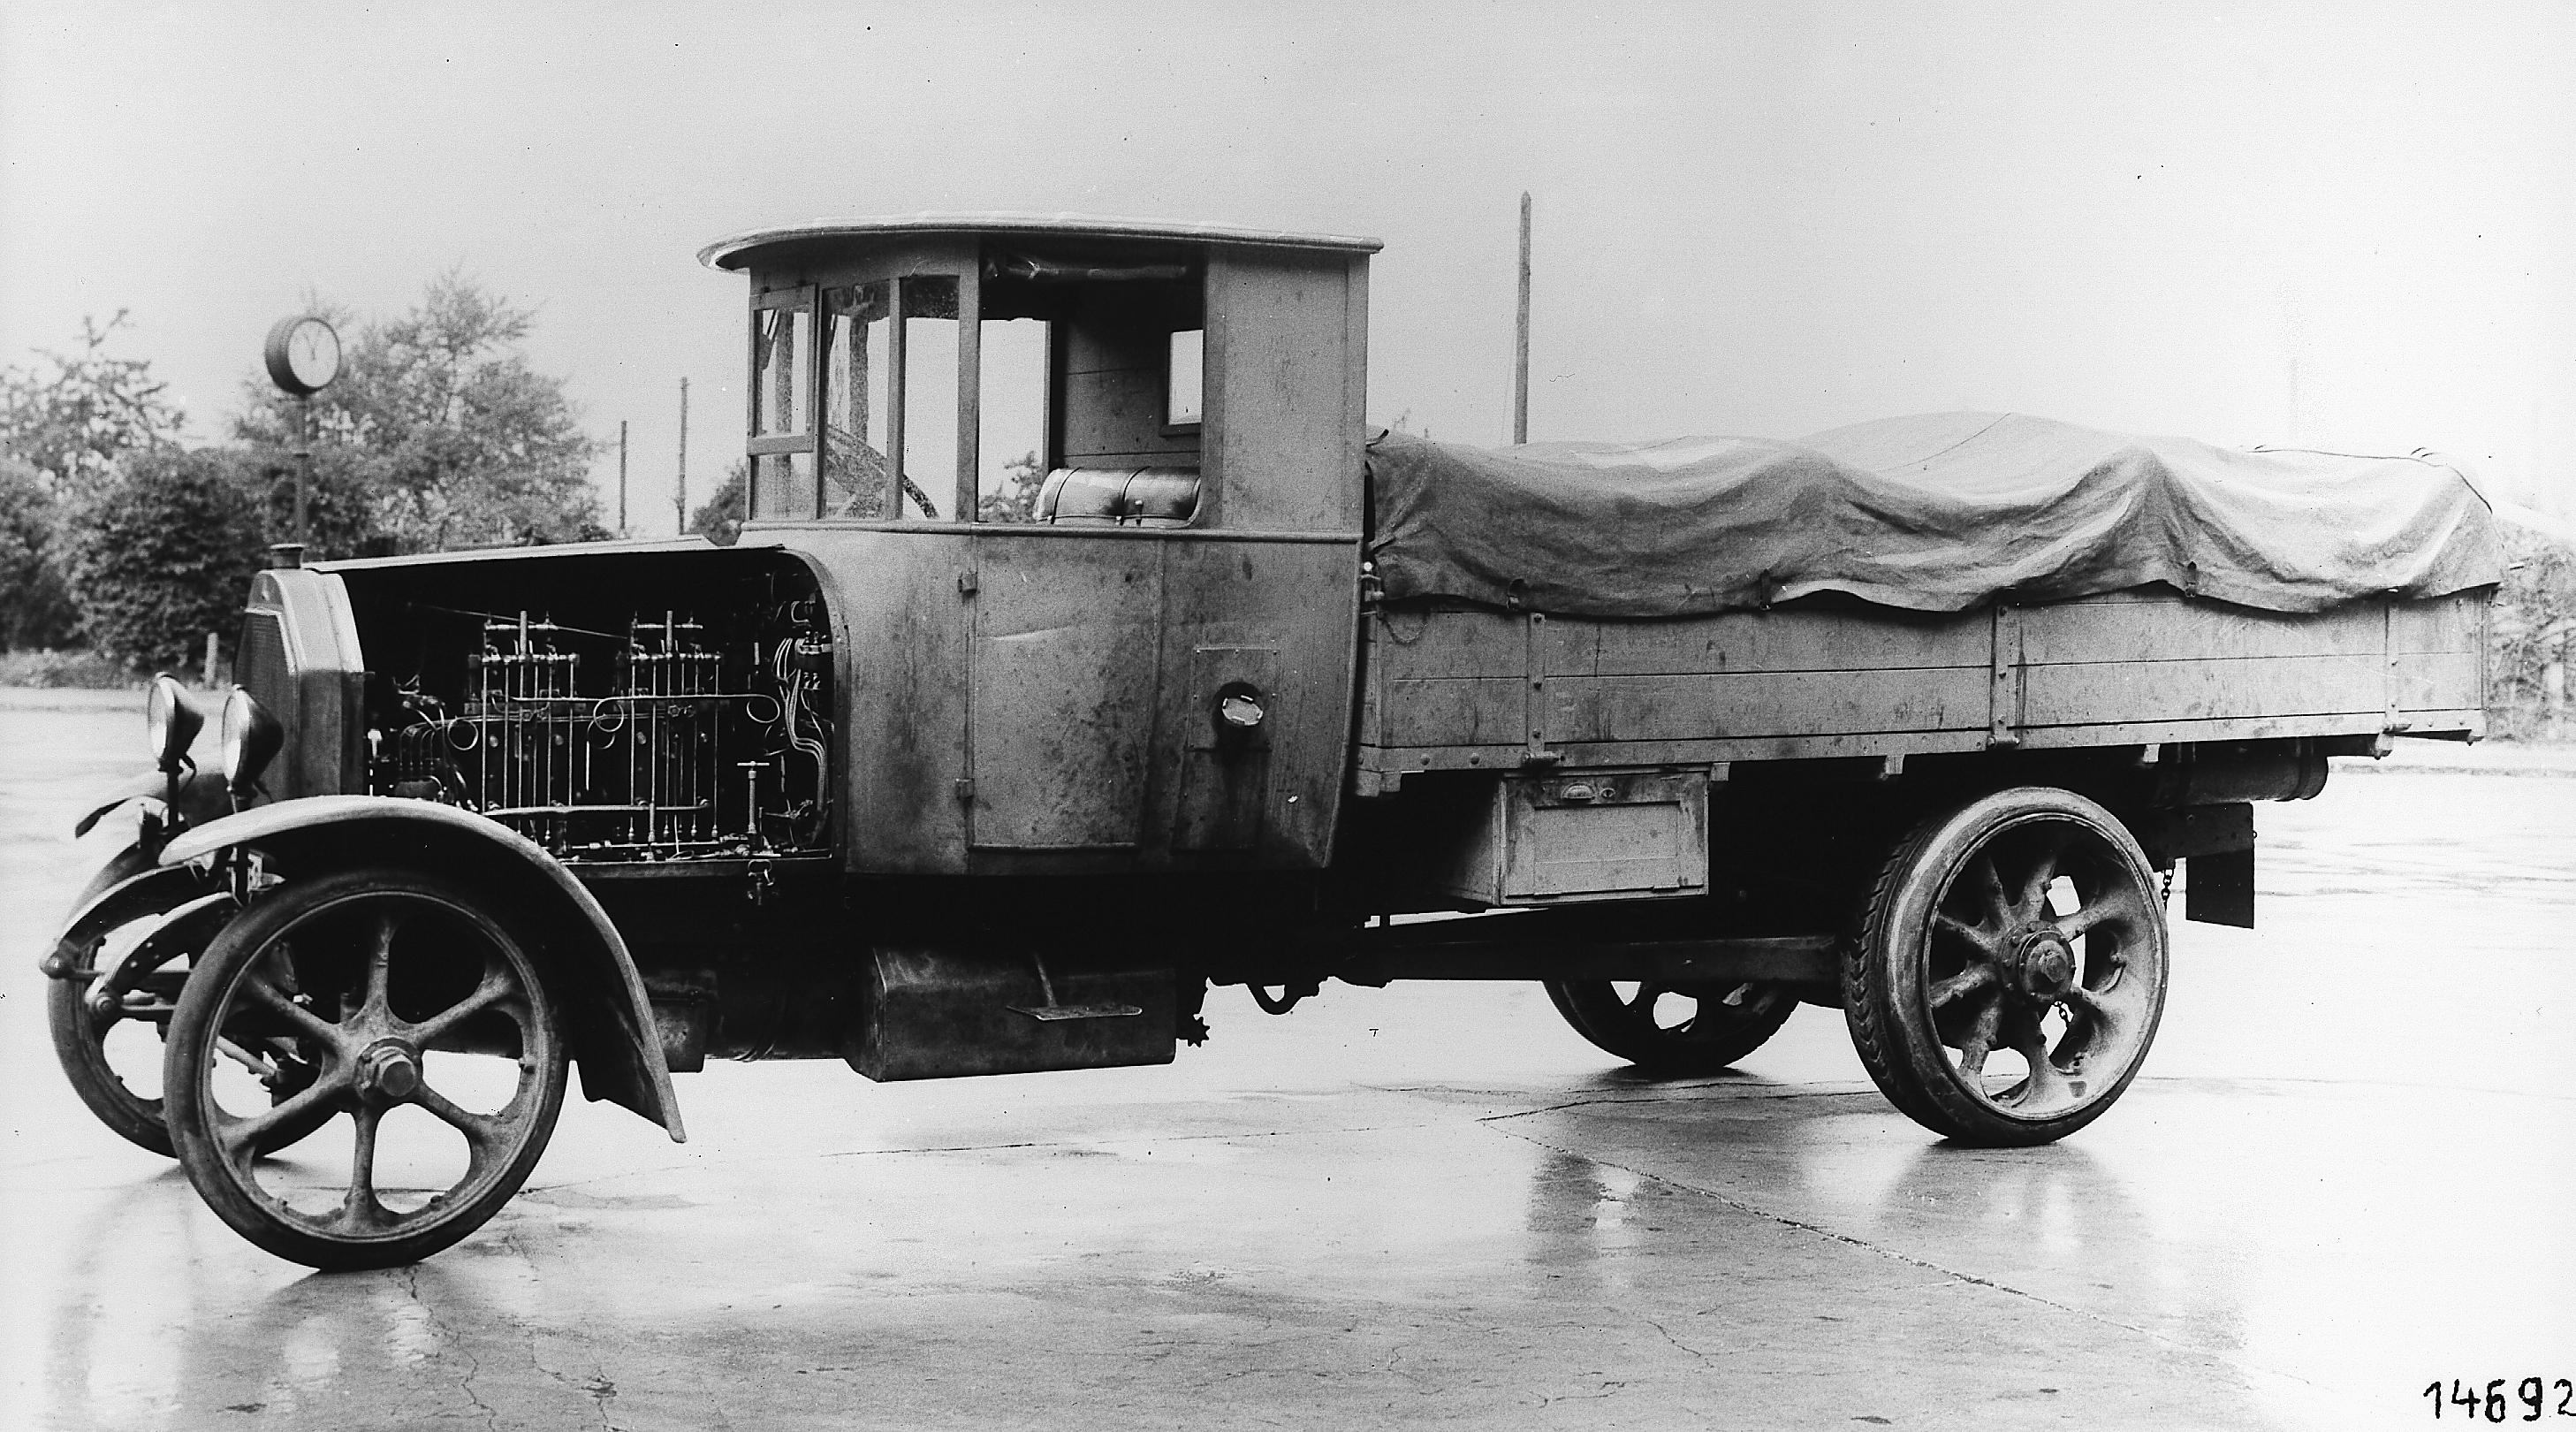 Mija prawie sto lat od premiery pierwszej dieslowej ciężarówki. Początki silnika wysokoprężnego nie były jednak łatwe